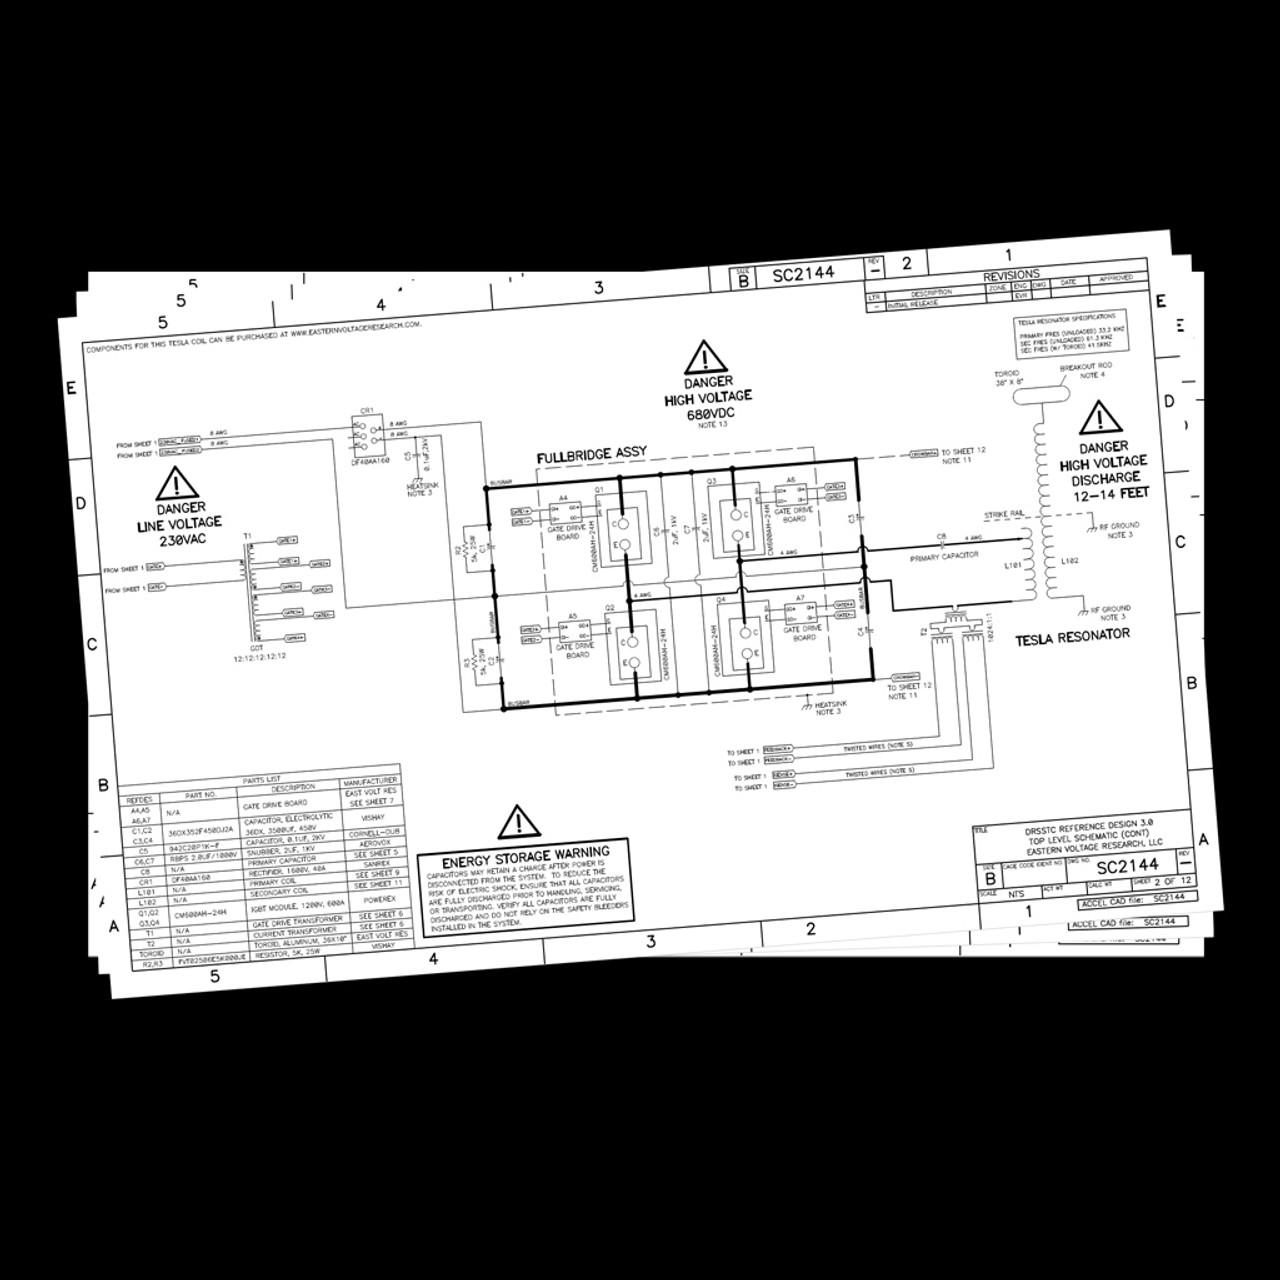 DIY Musical Tesla Coil Plans - Reference Design 3.0